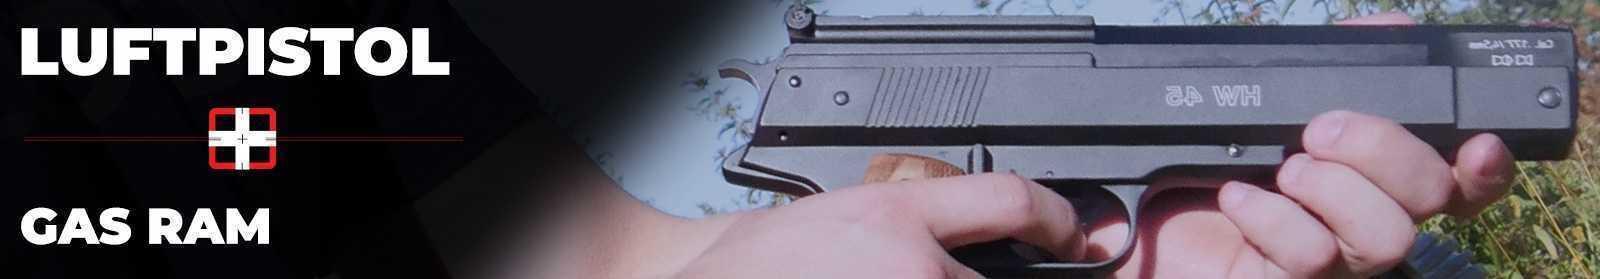 Luftpistol med Gas Ram